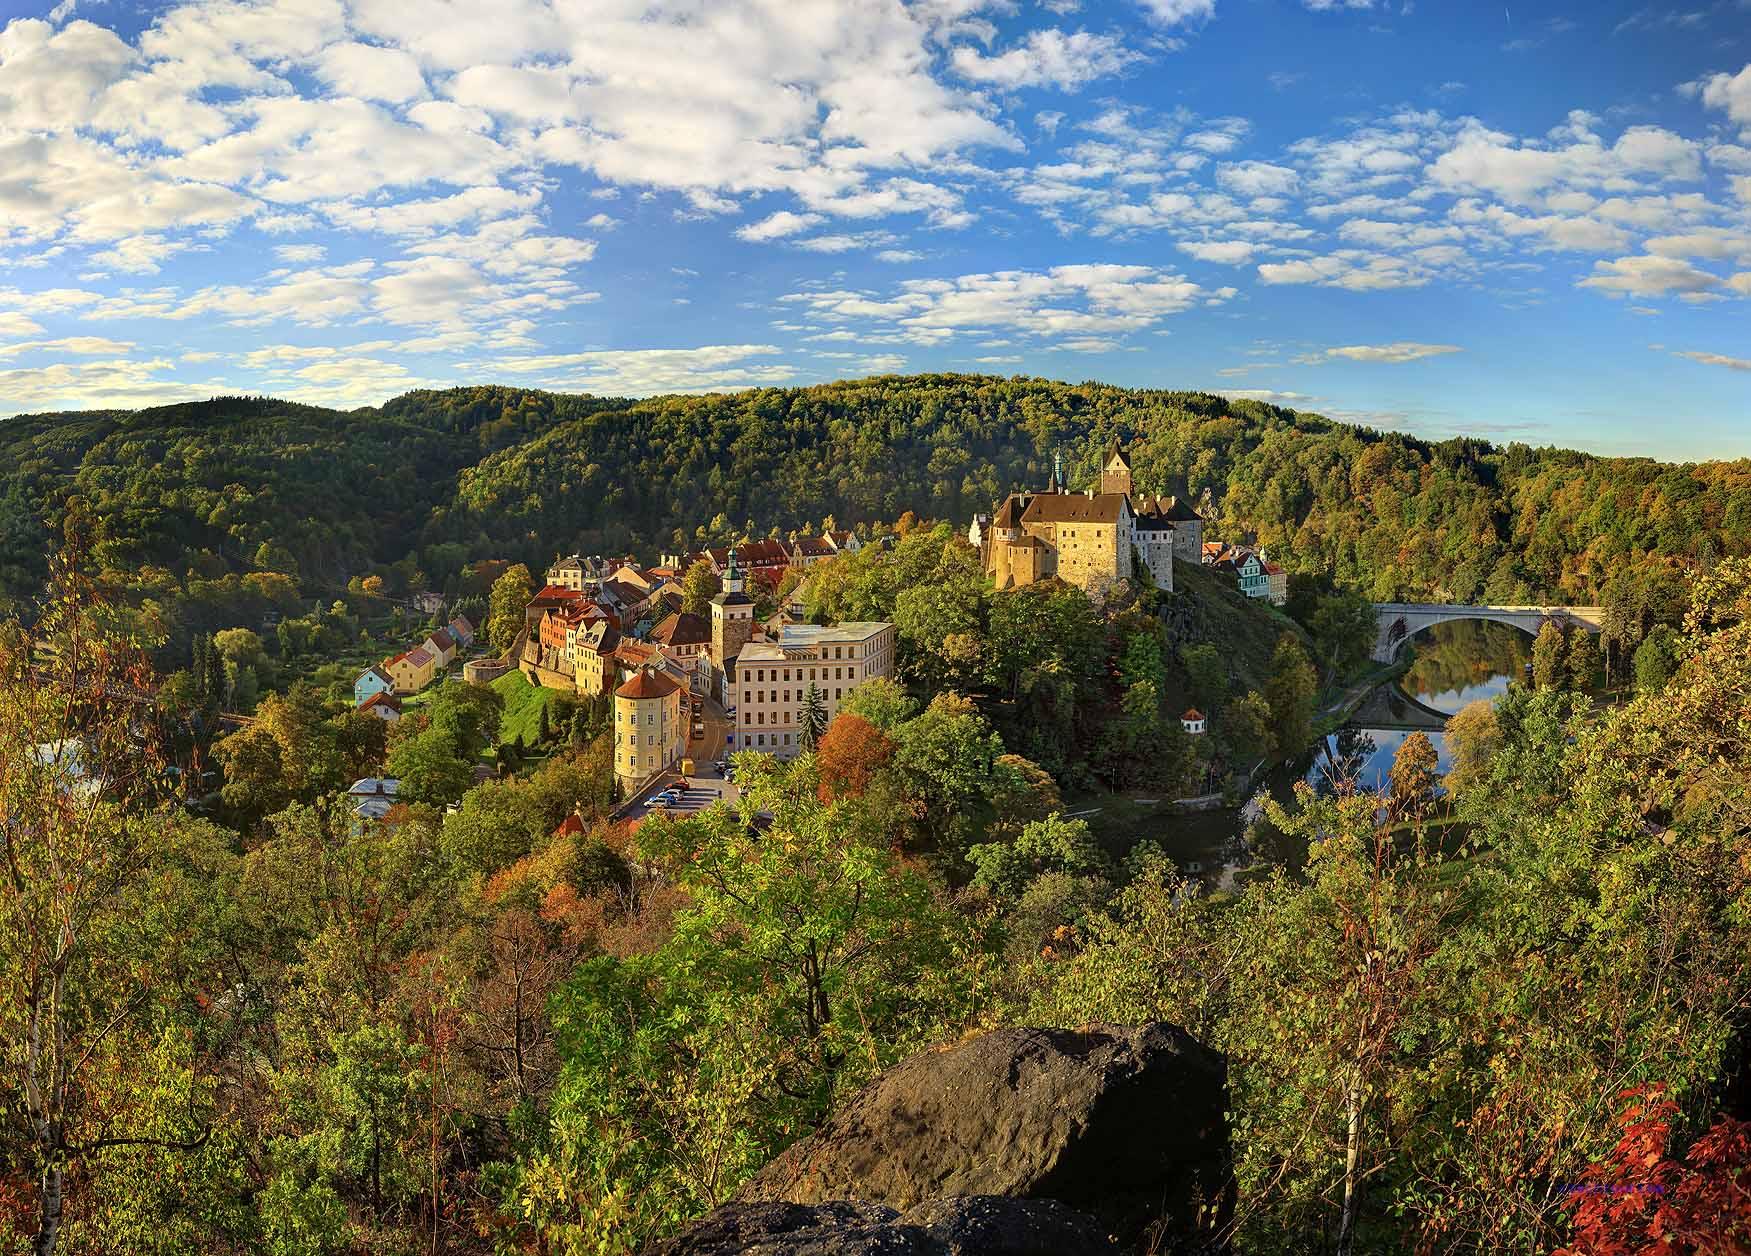 Auf der Burg kann man eine Ausstellung zum Thema Folter sowie eine Porzellanausstellung besichtigen. Foto: Libor-Sva¦üc¦îekT(Czechtourism)